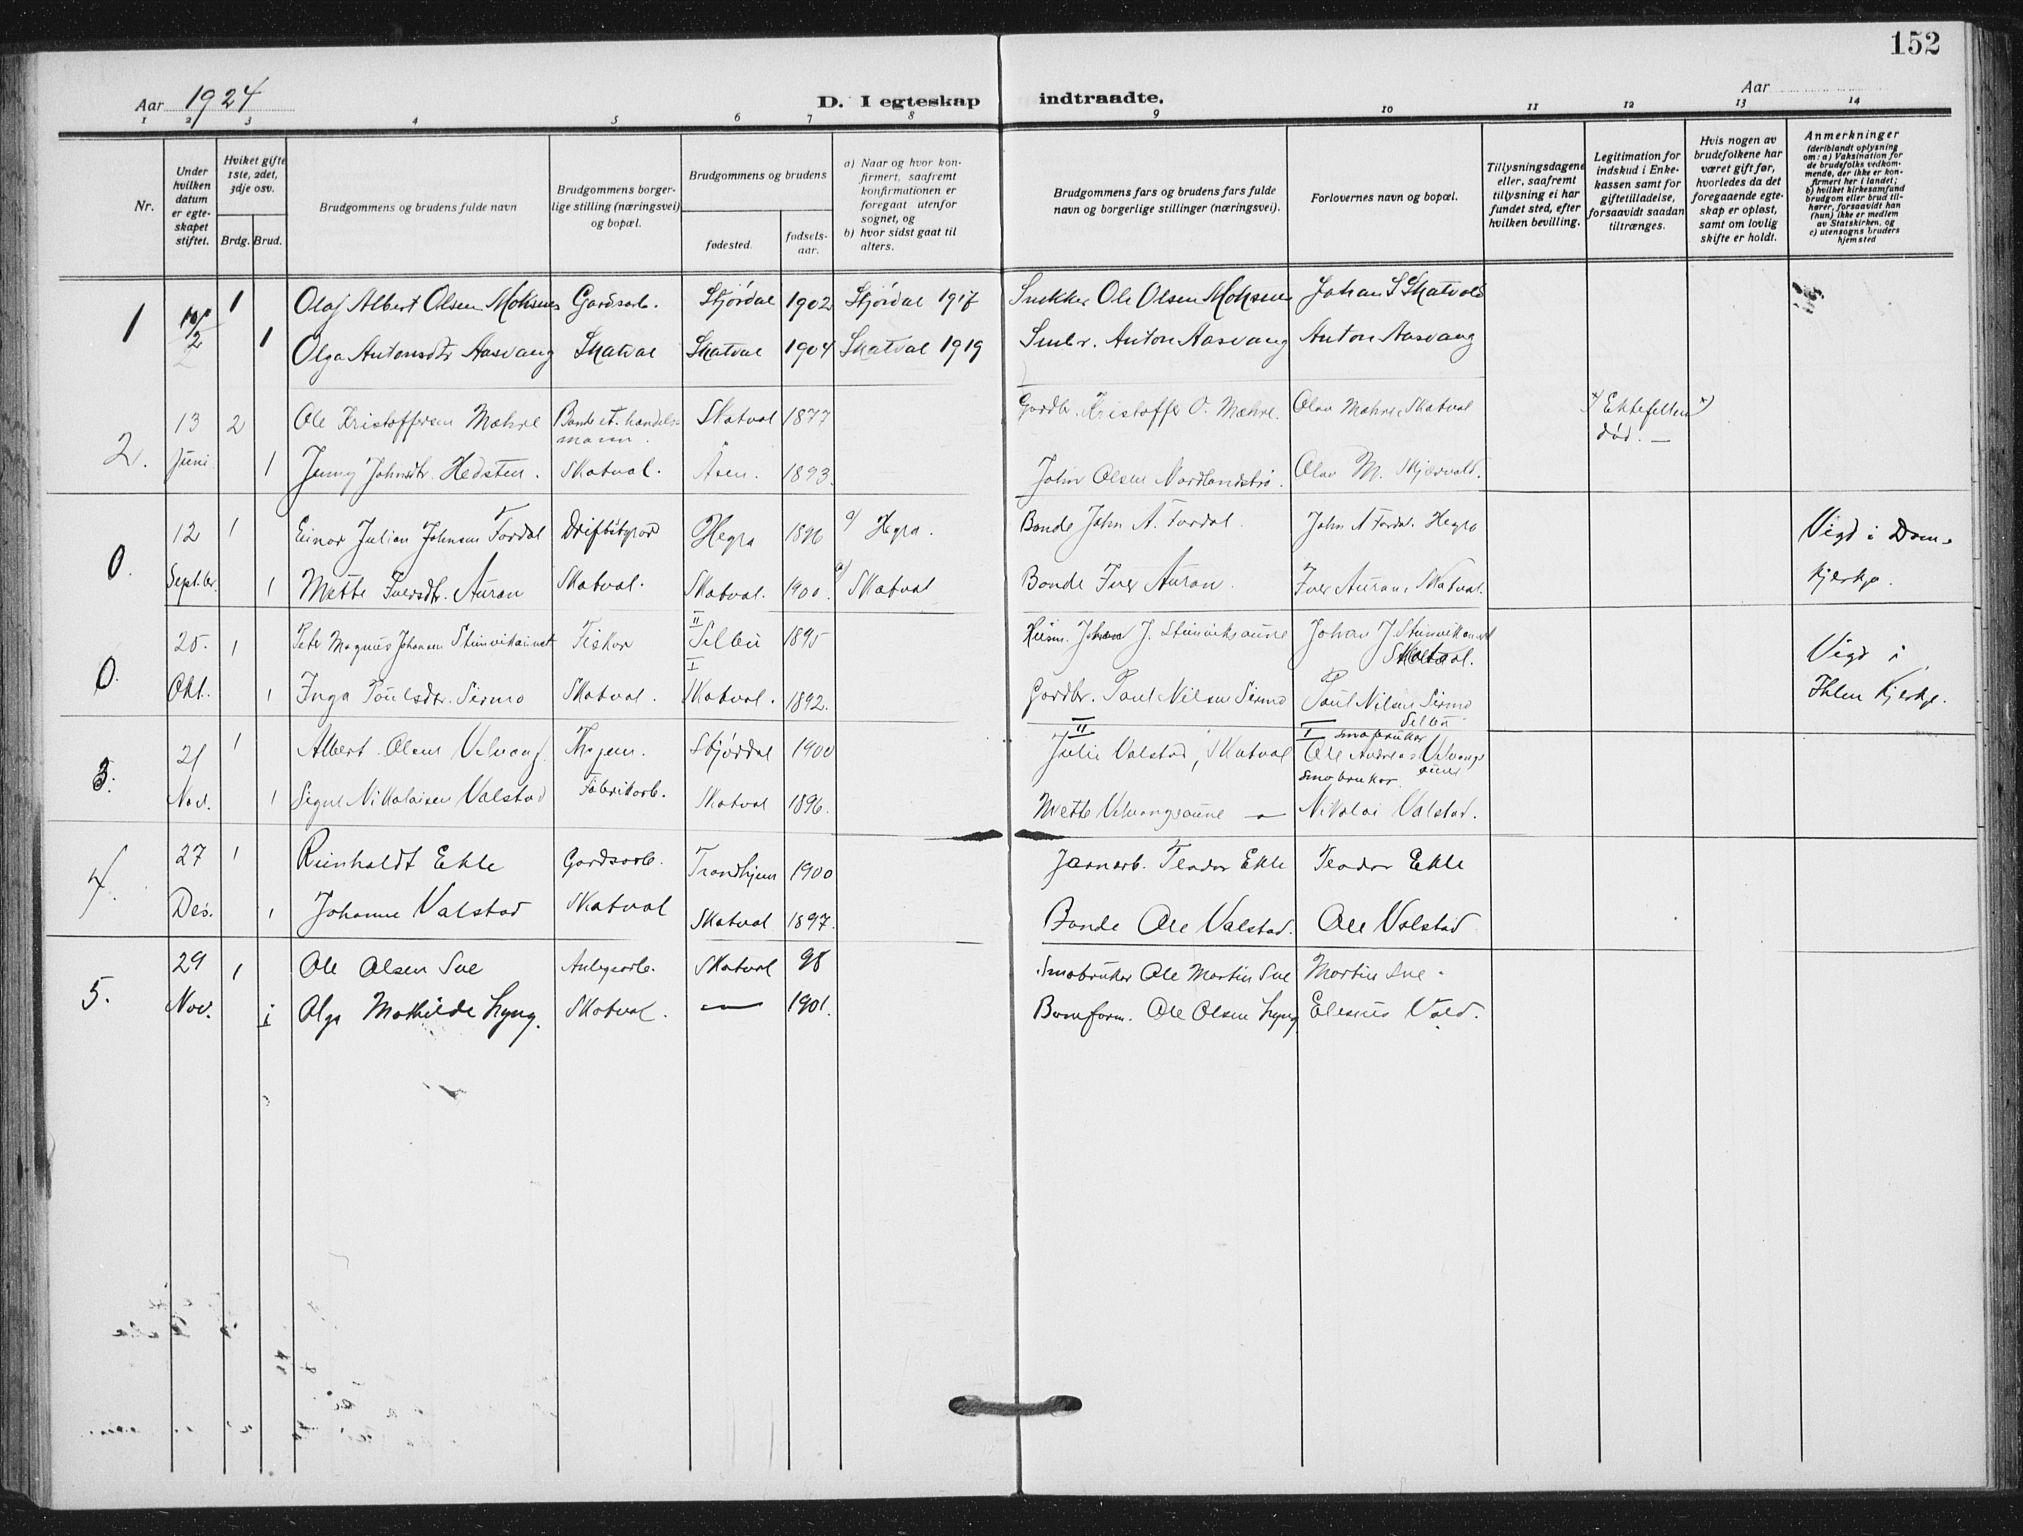 SAT, Ministerialprotokoller, klokkerbøker og fødselsregistre - Nord-Trøndelag, 712/L0102: Ministerialbok nr. 712A03, 1916-1929, s. 152